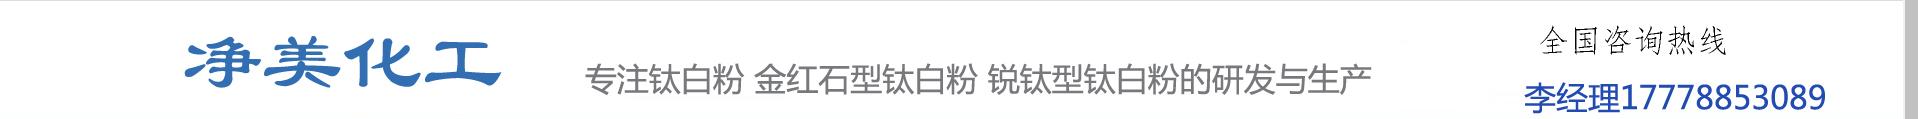 滄州淨美化工產品有限公司